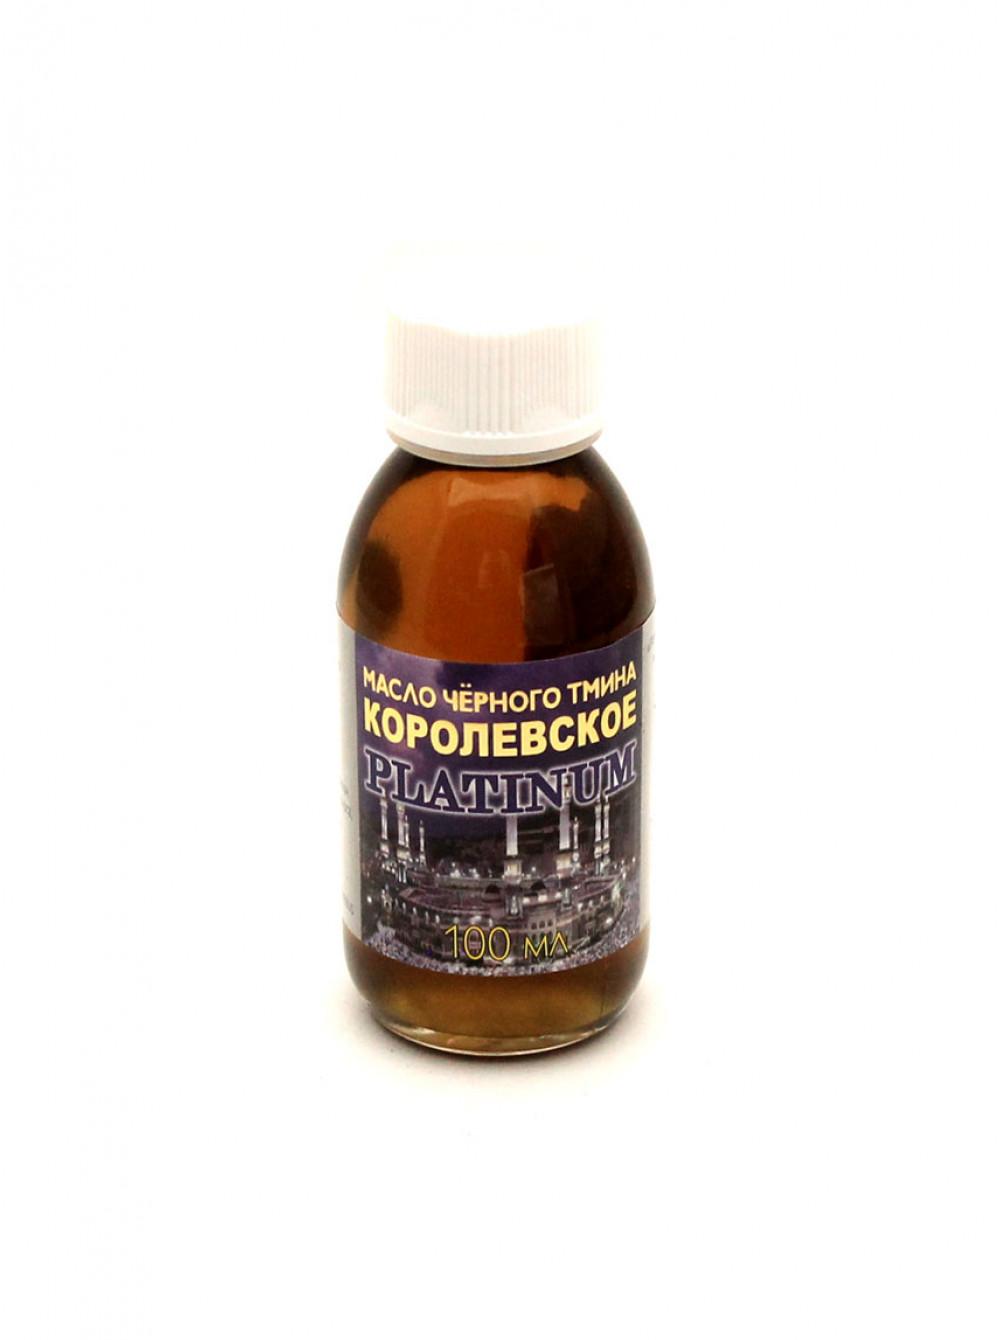 Масло Тмина Для Похудения Отзывы. Как применять черный тмин для похудения в виде семян и масла?